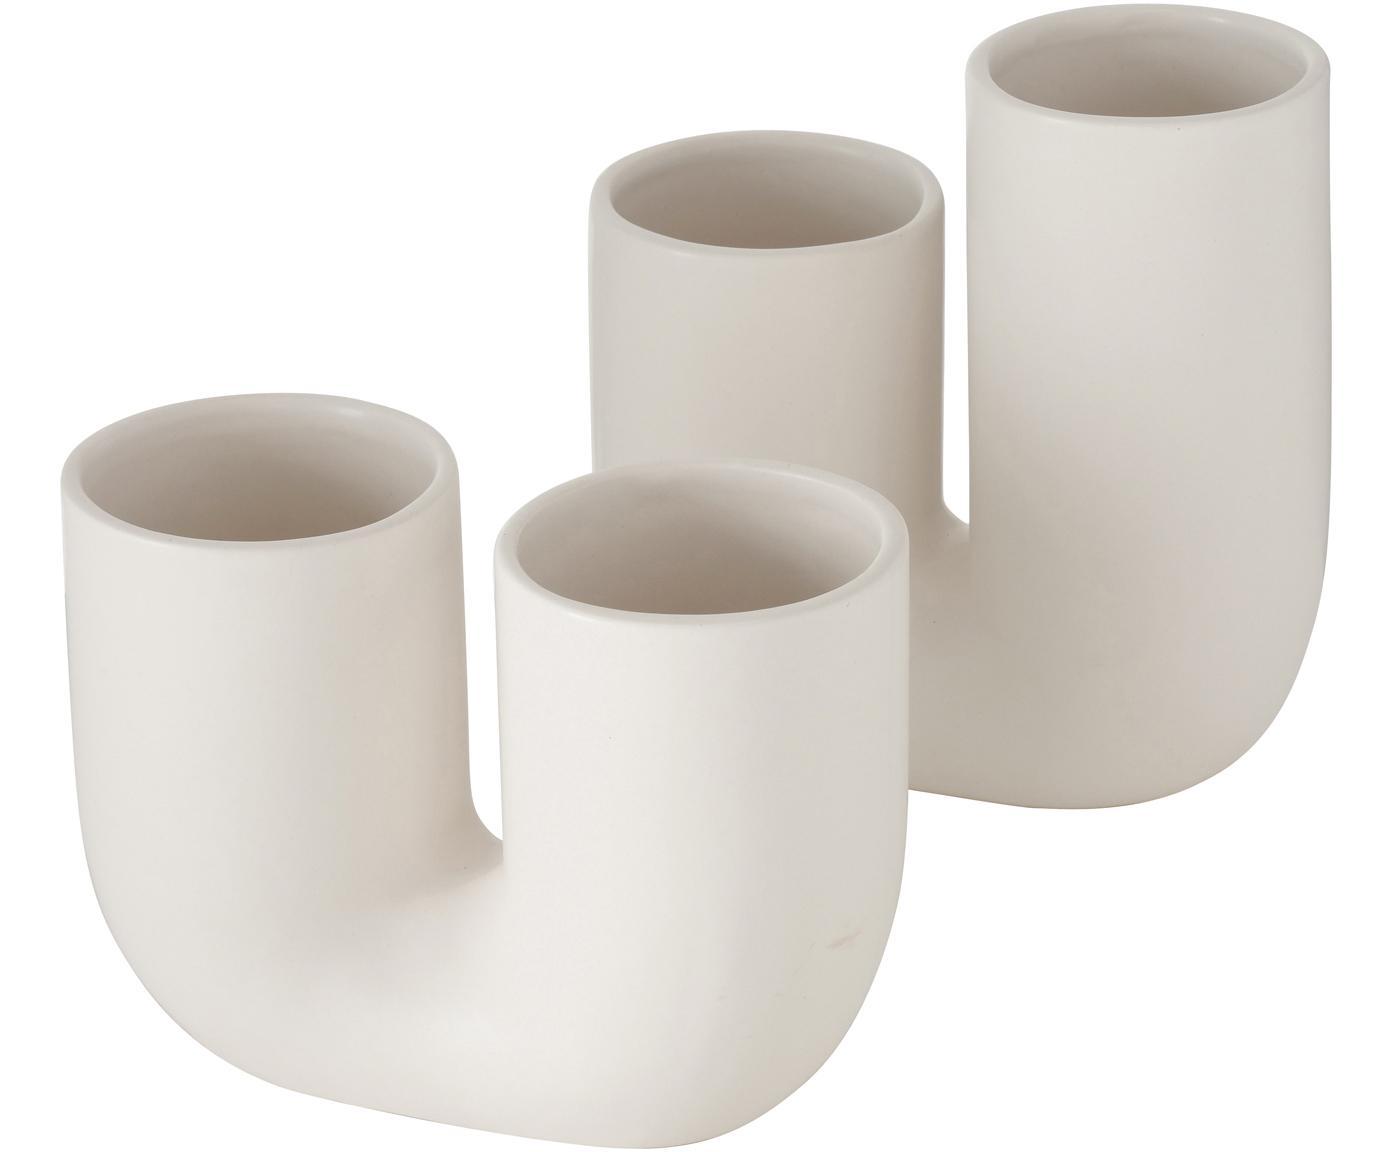 Set de jarrones de gres Filicio, 2pzas., Gres, Blanco, An 17 x Al 17 cm